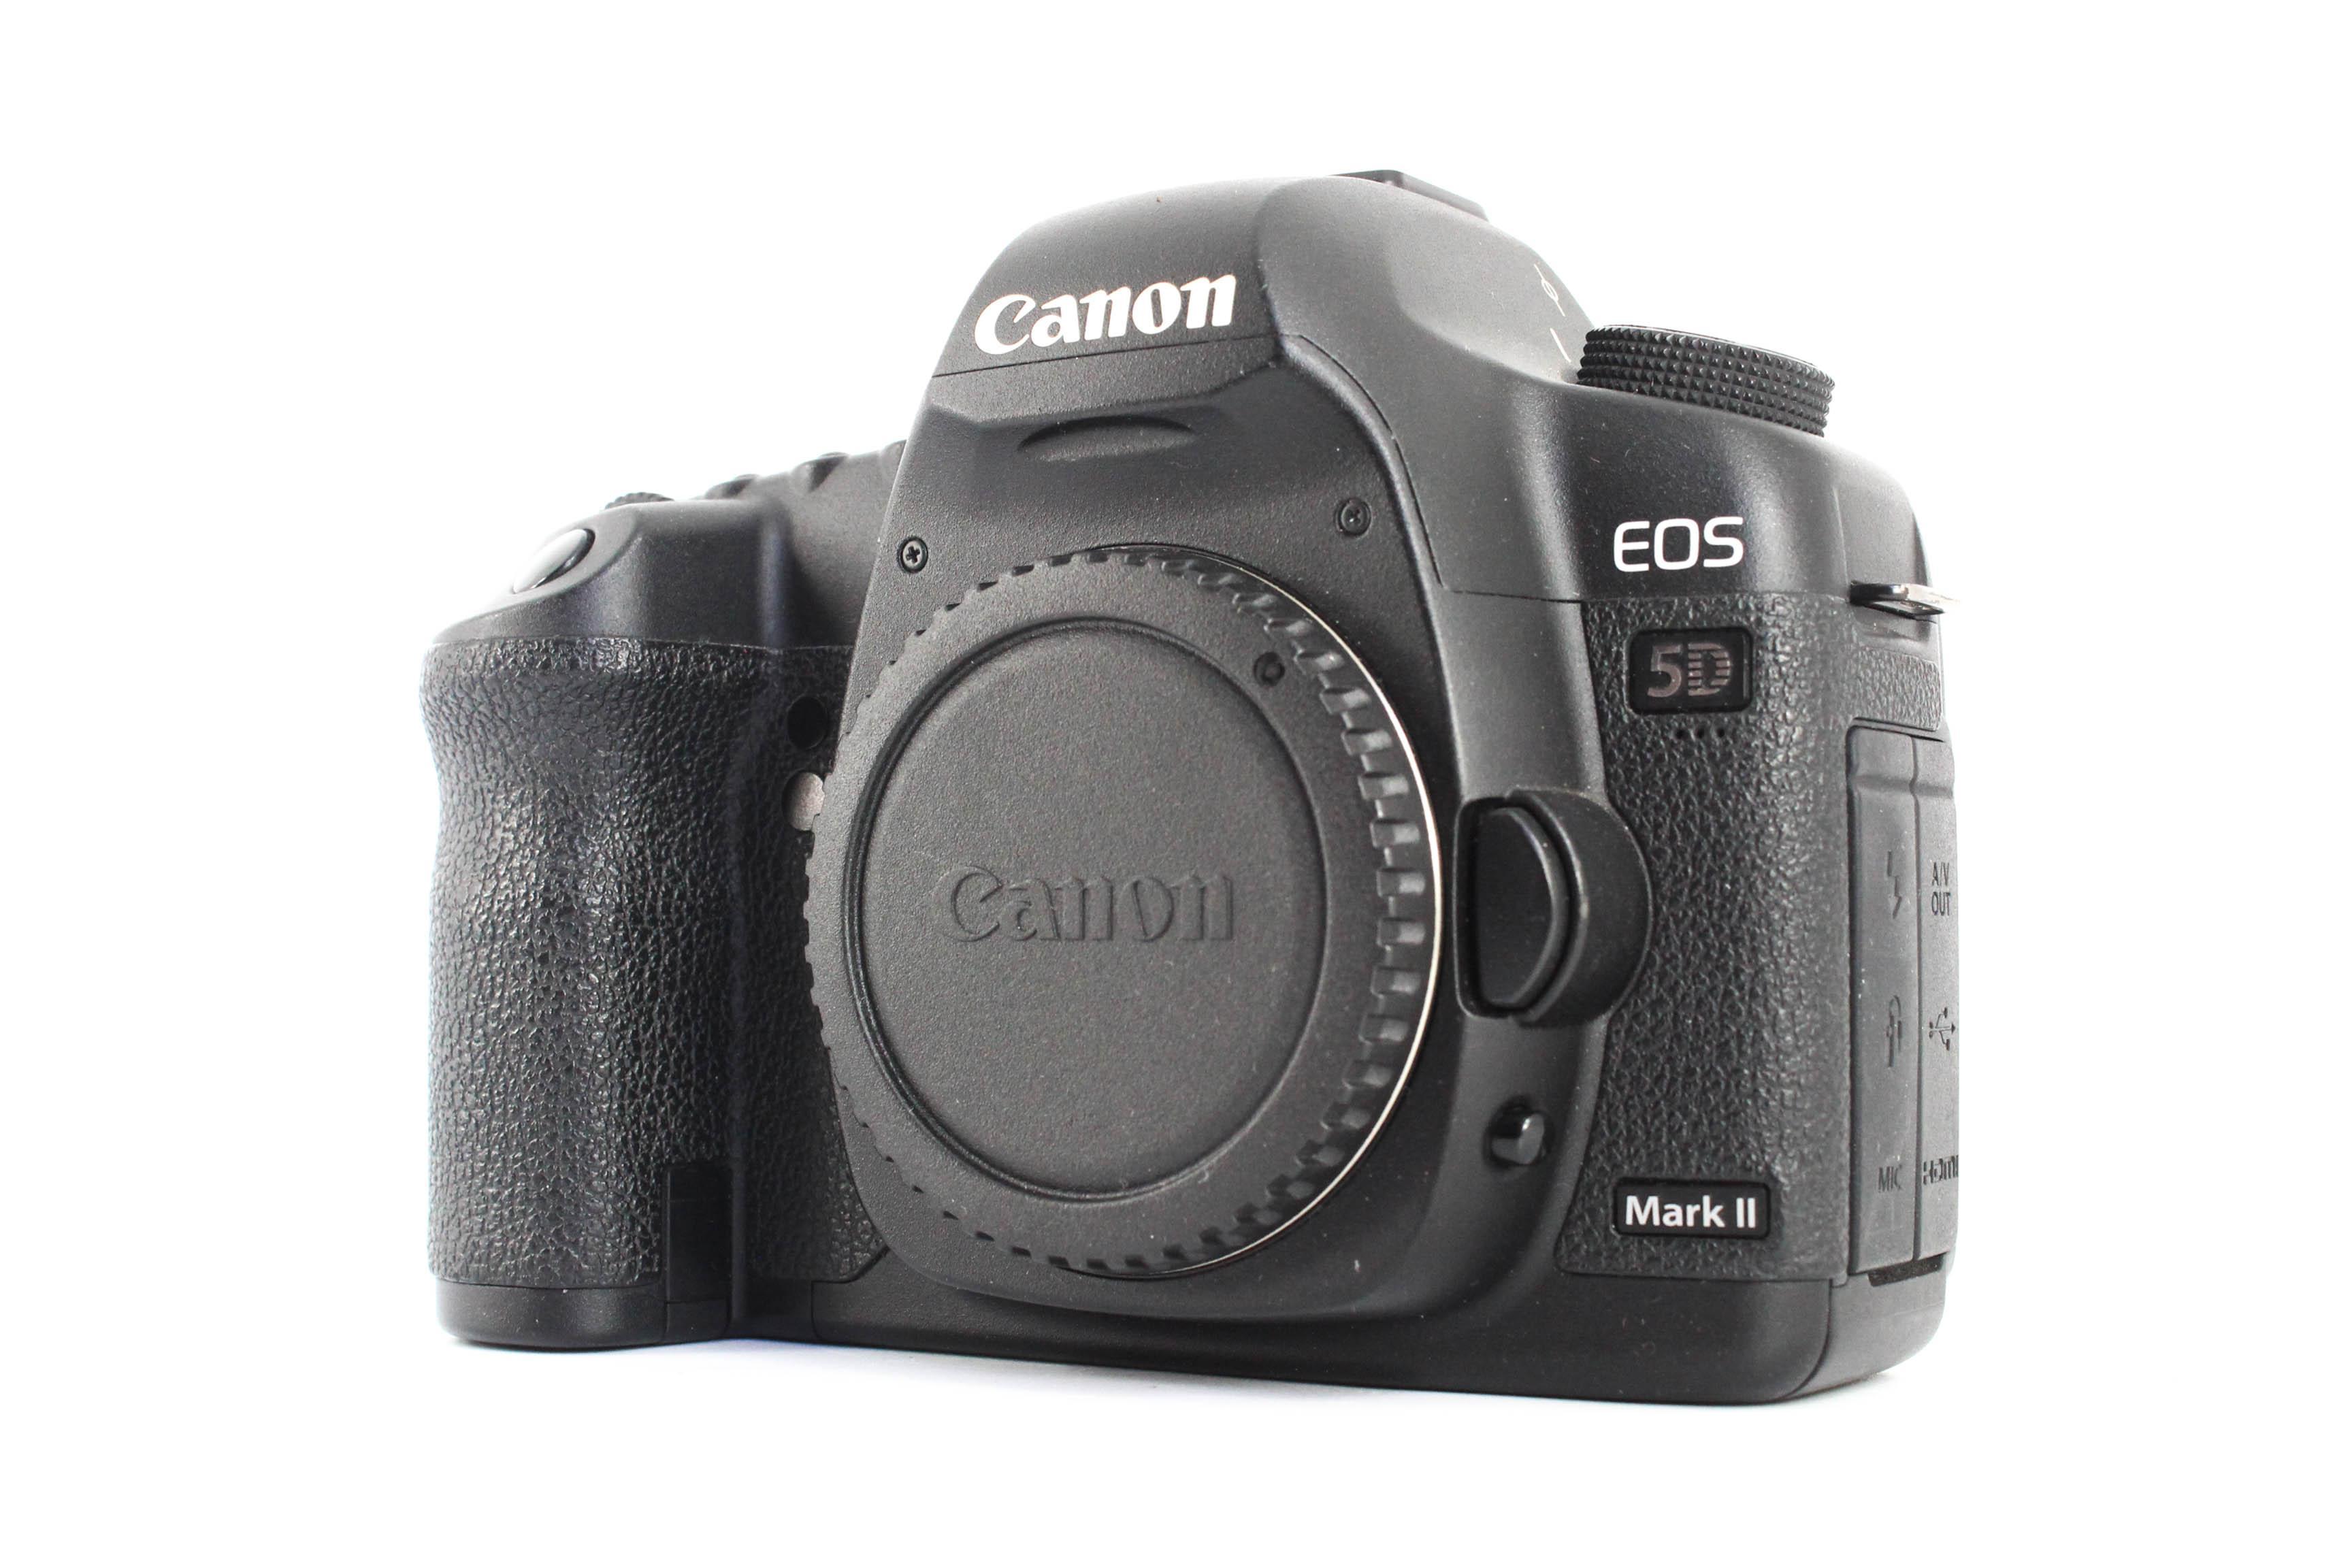 canon 5d mark ii best full frame camera image